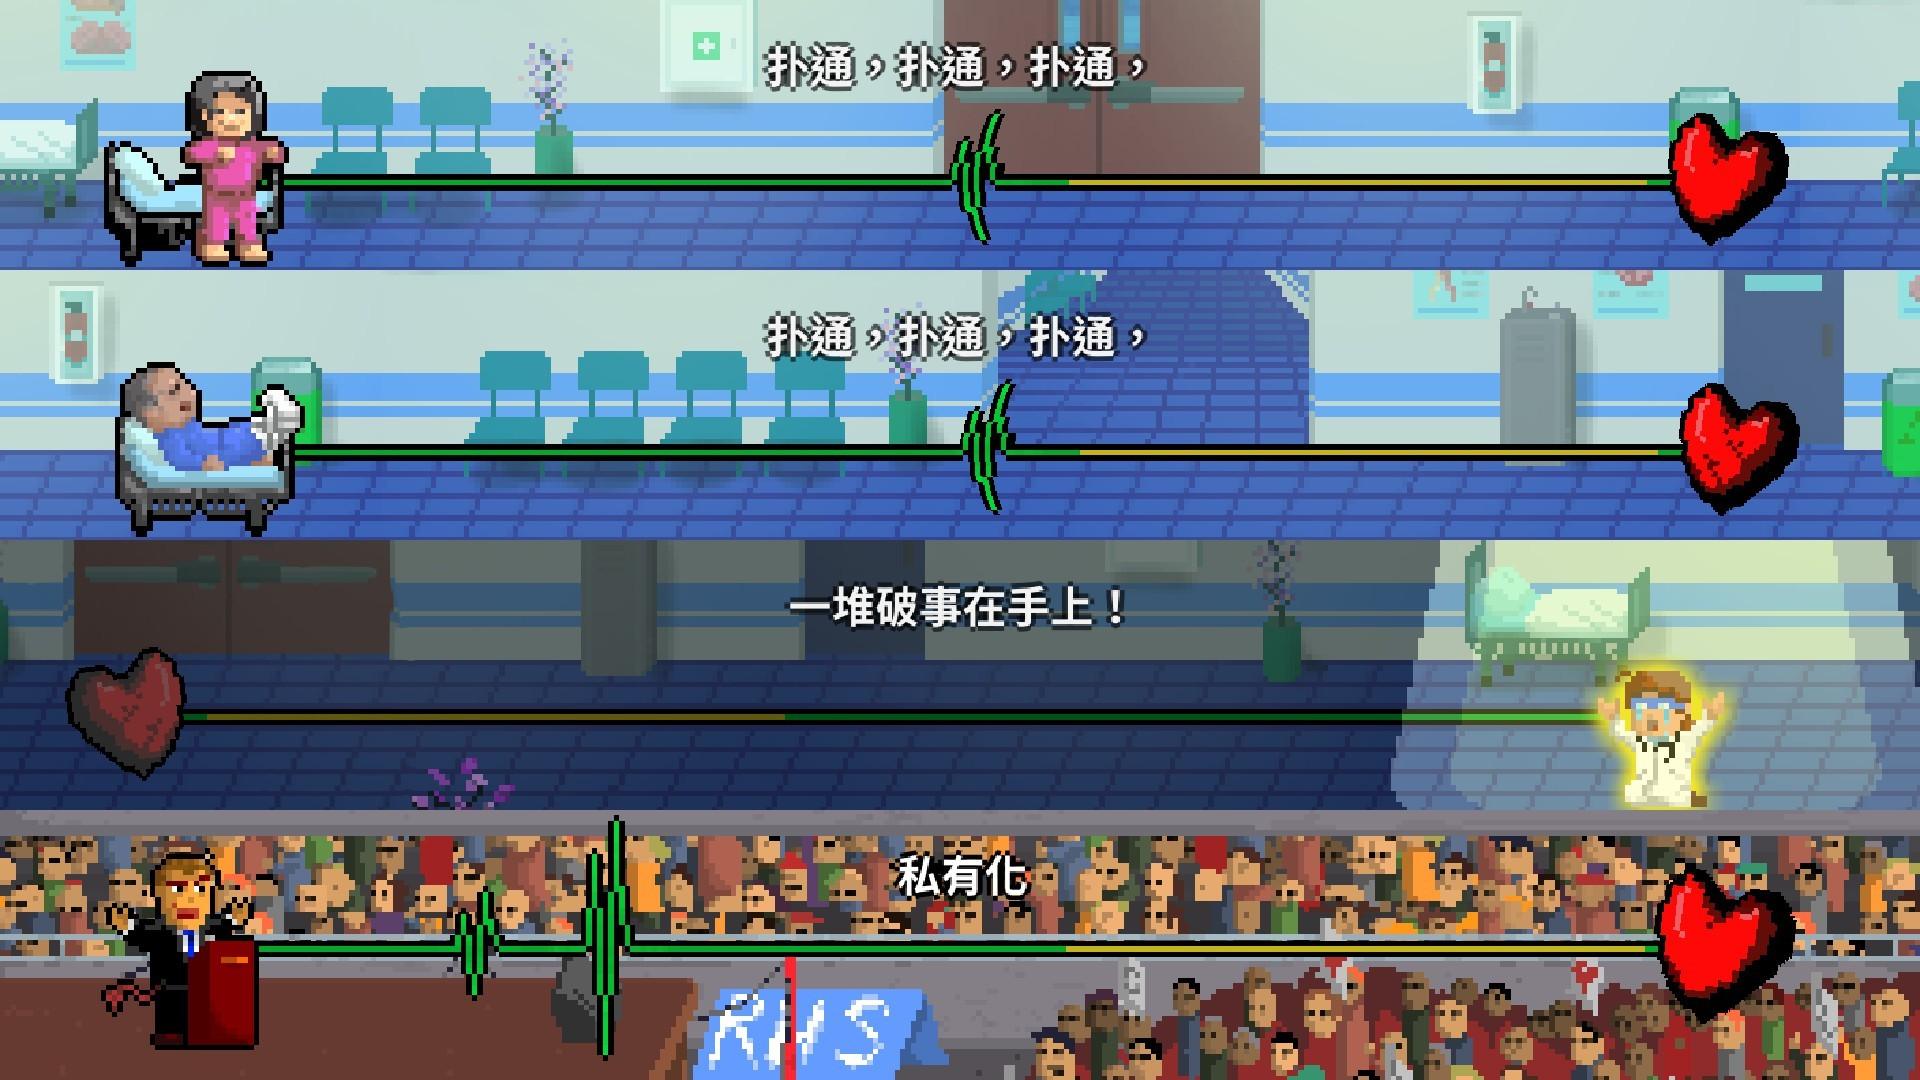 节奏医生/Rhythm Doctor(V.10.0(r15)中文语音)插图6